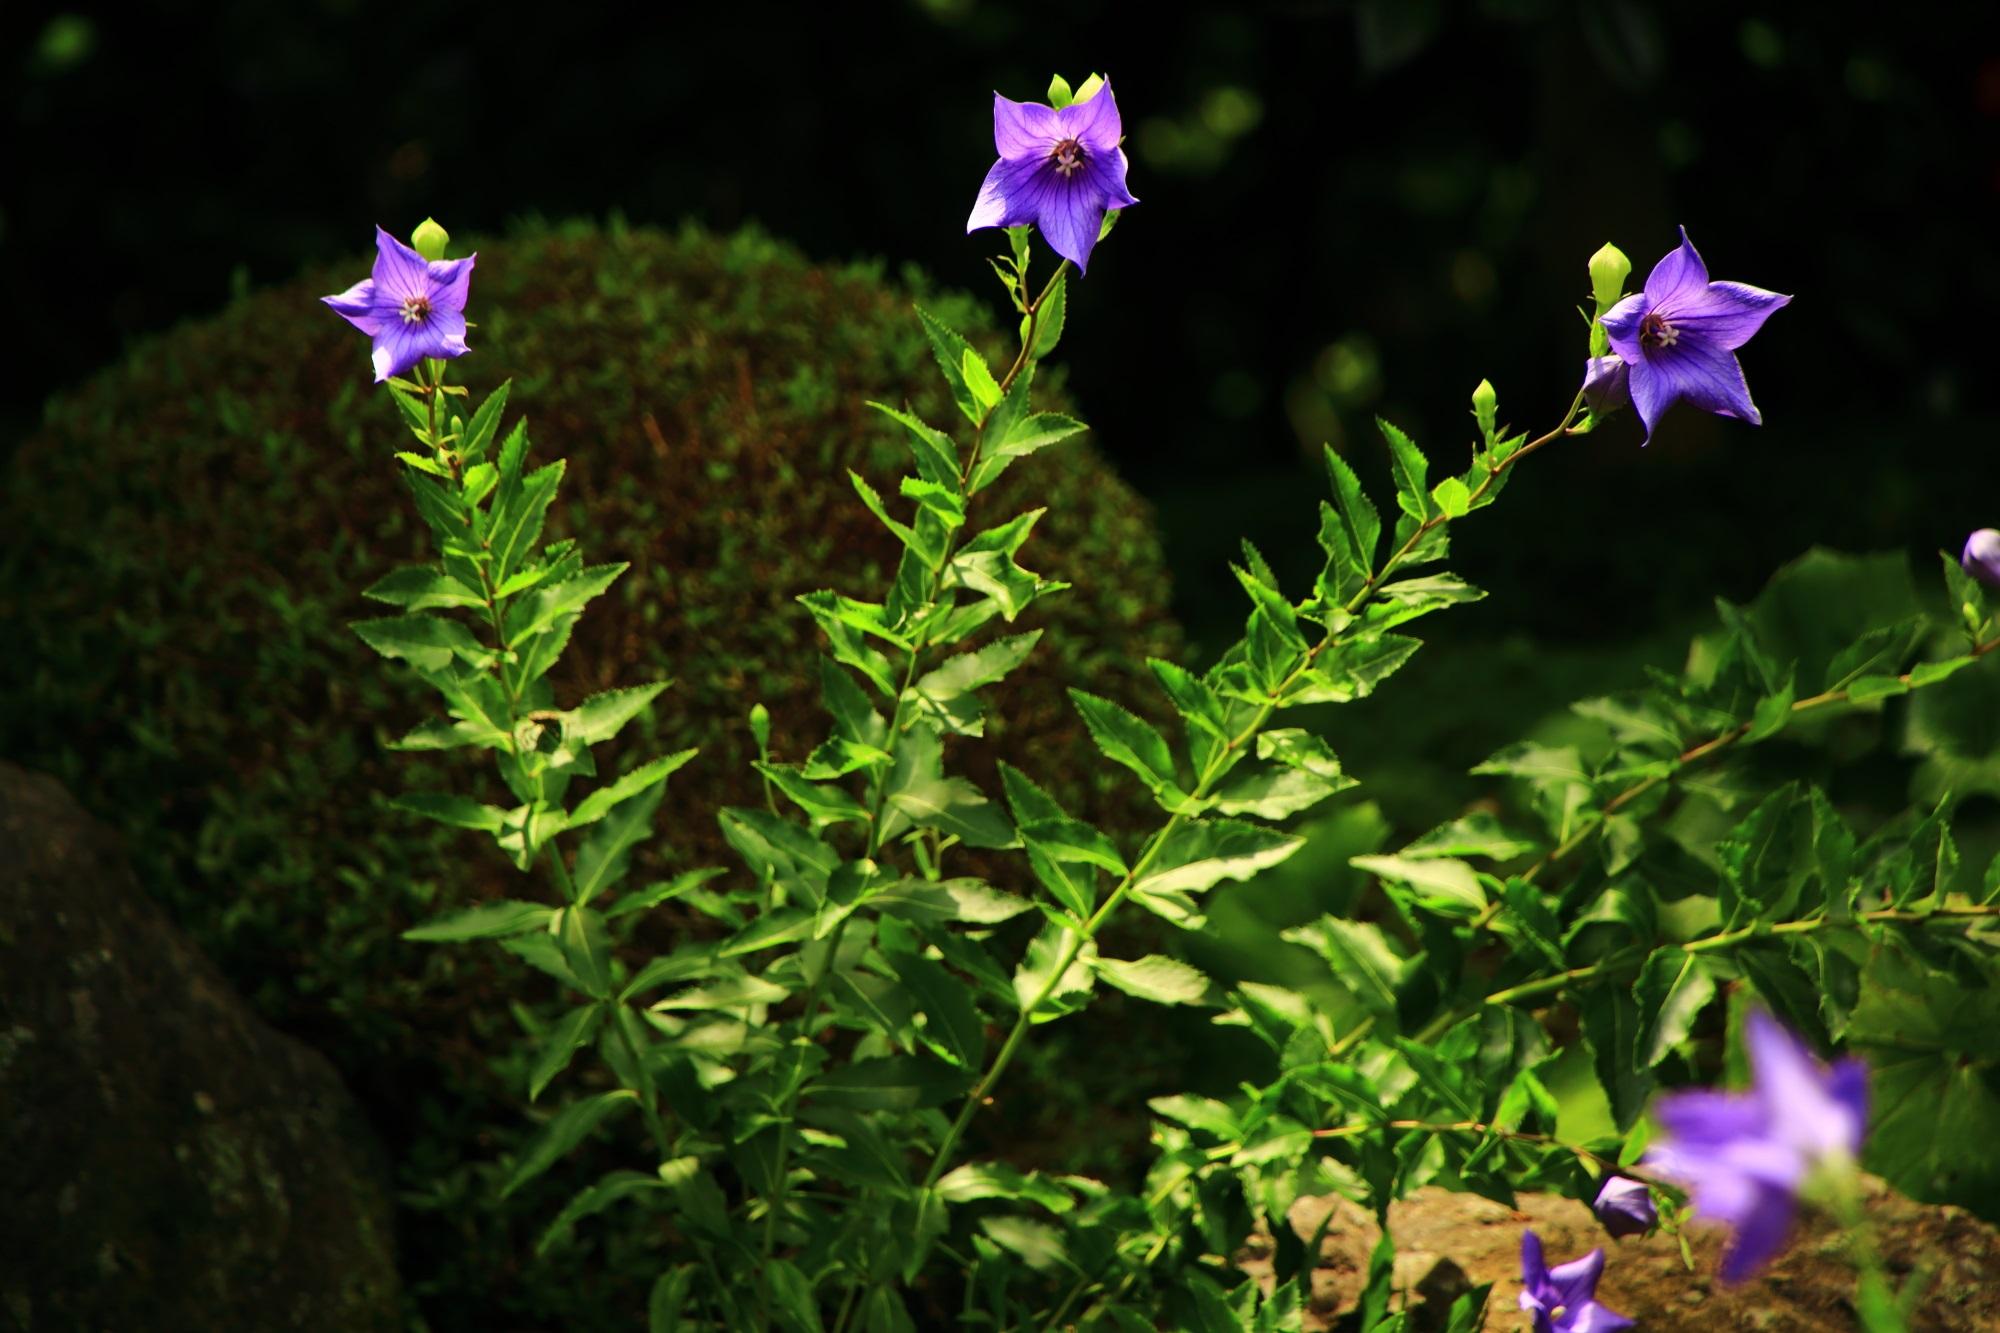 何となく楽しそうに咲く天得院の紫の桔梗の花